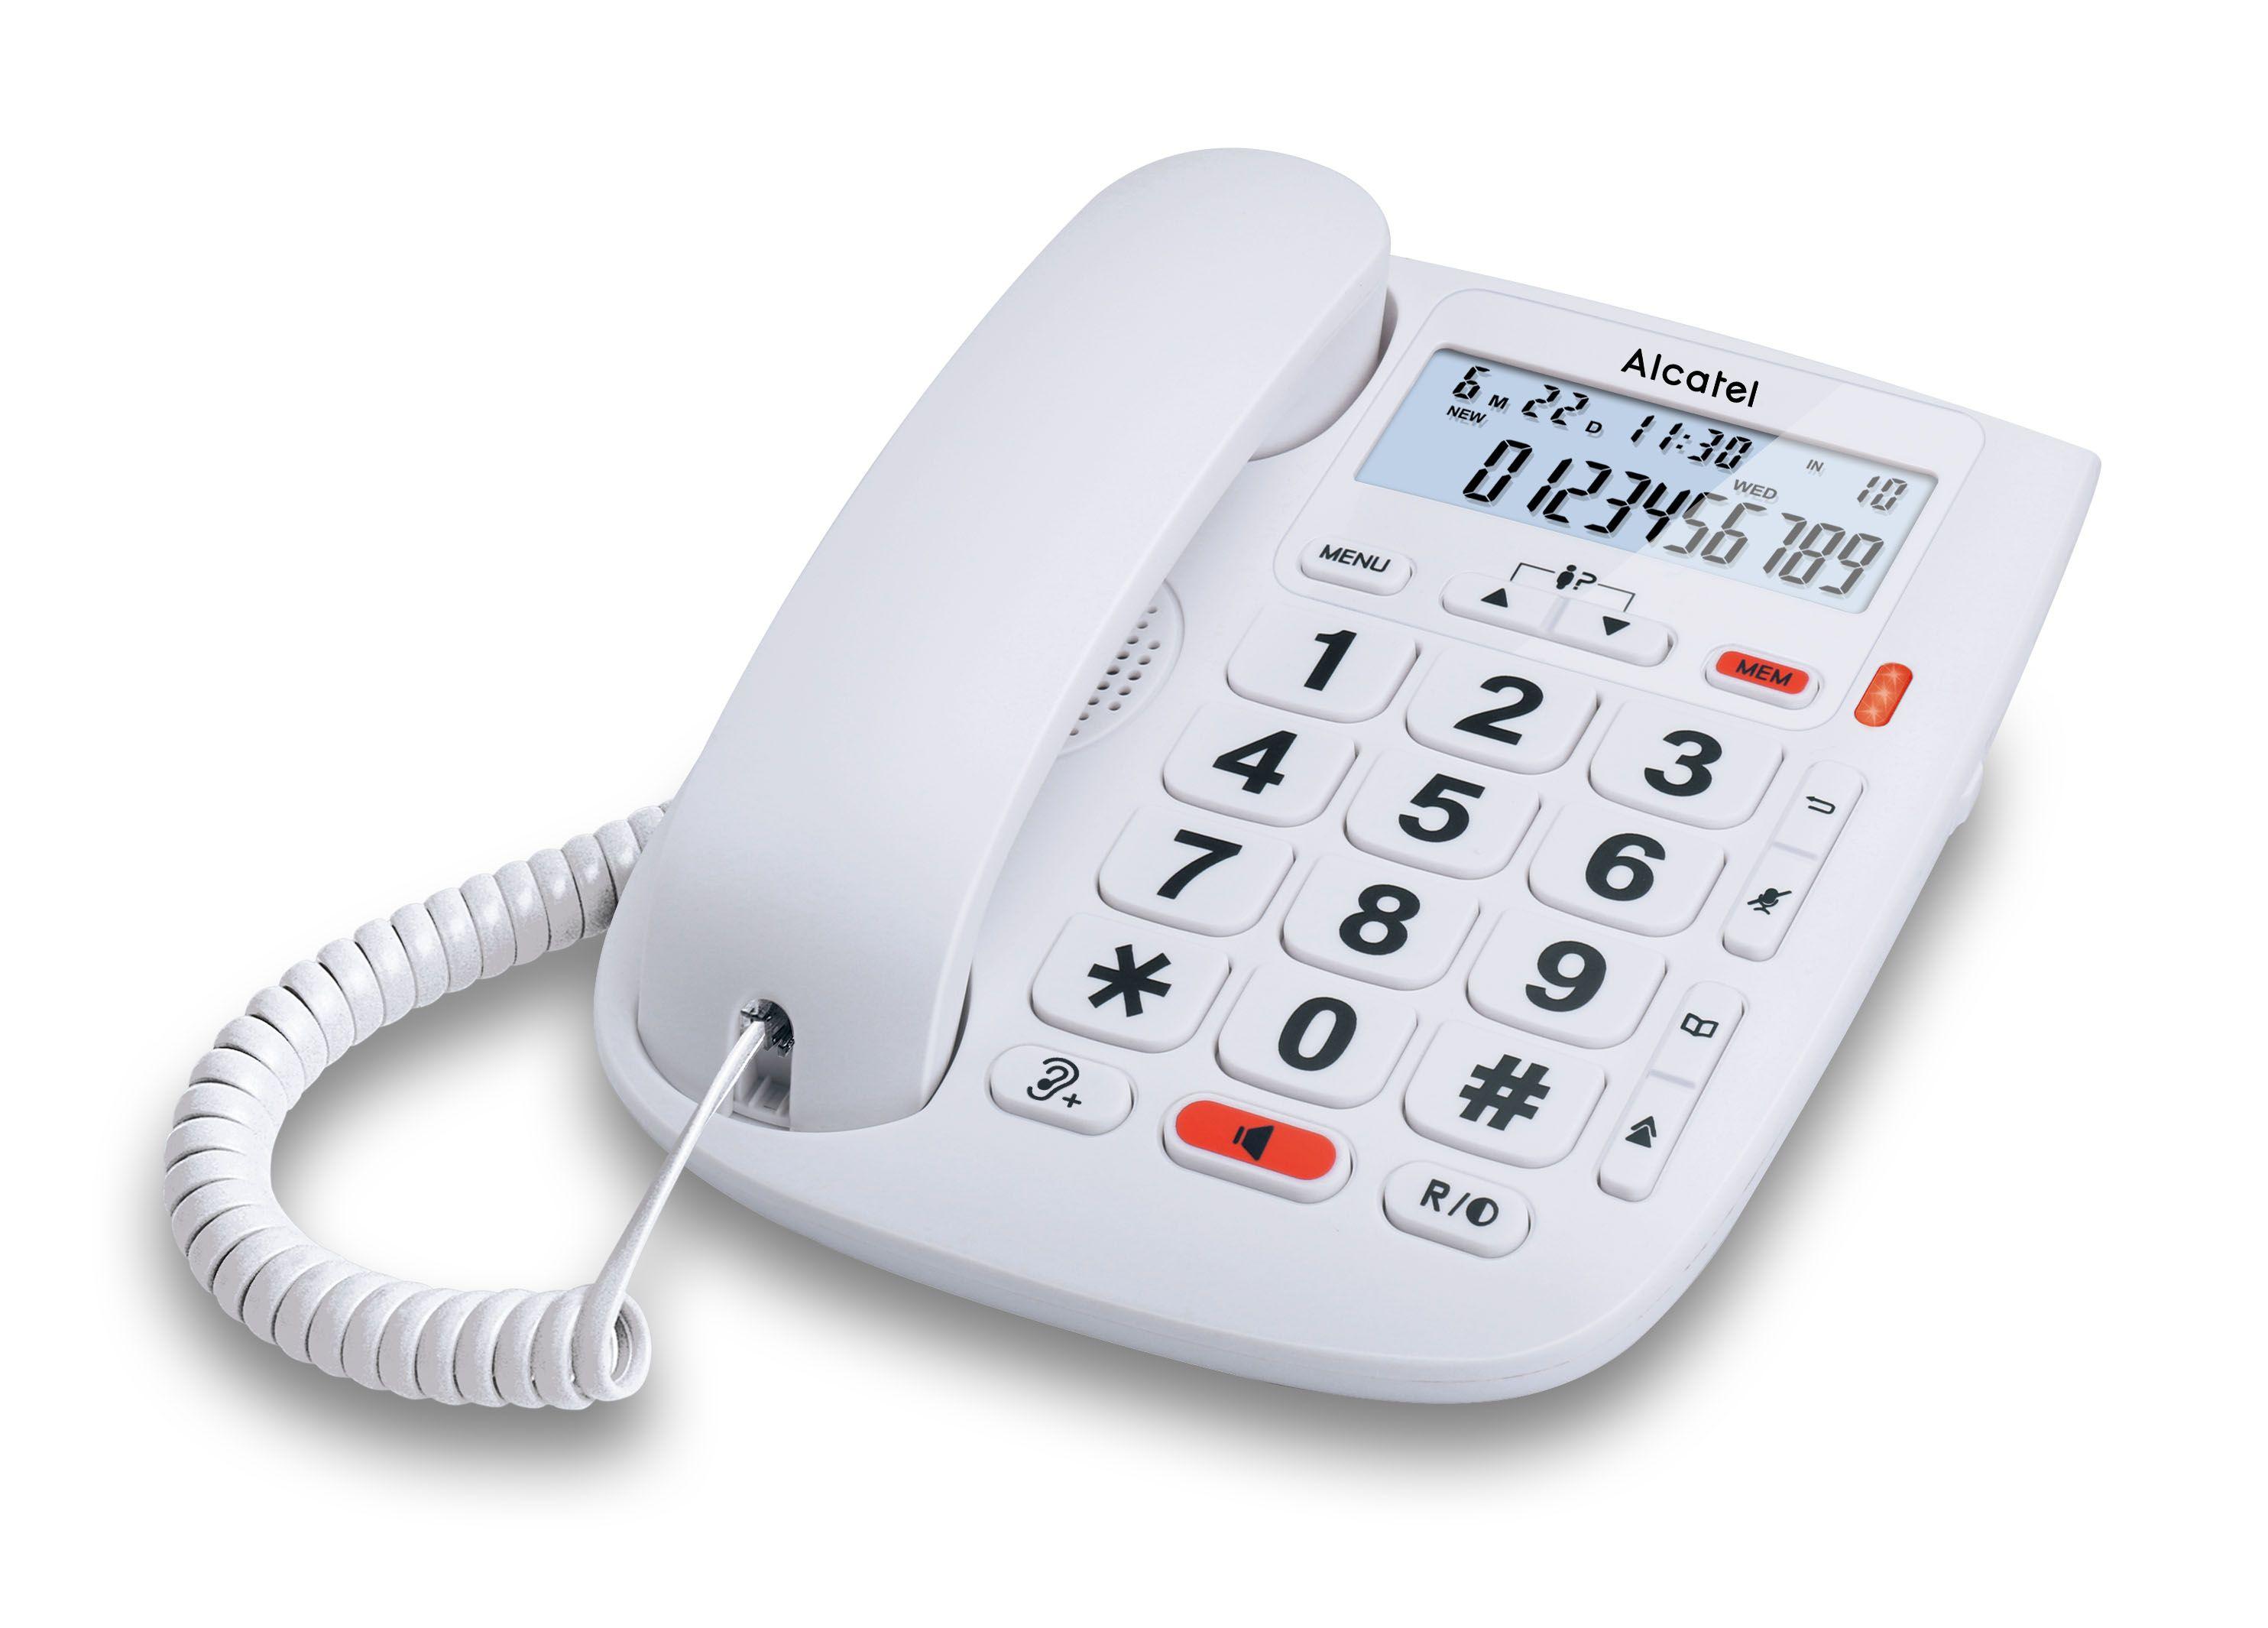 Telefono Alcatel TMAX 20